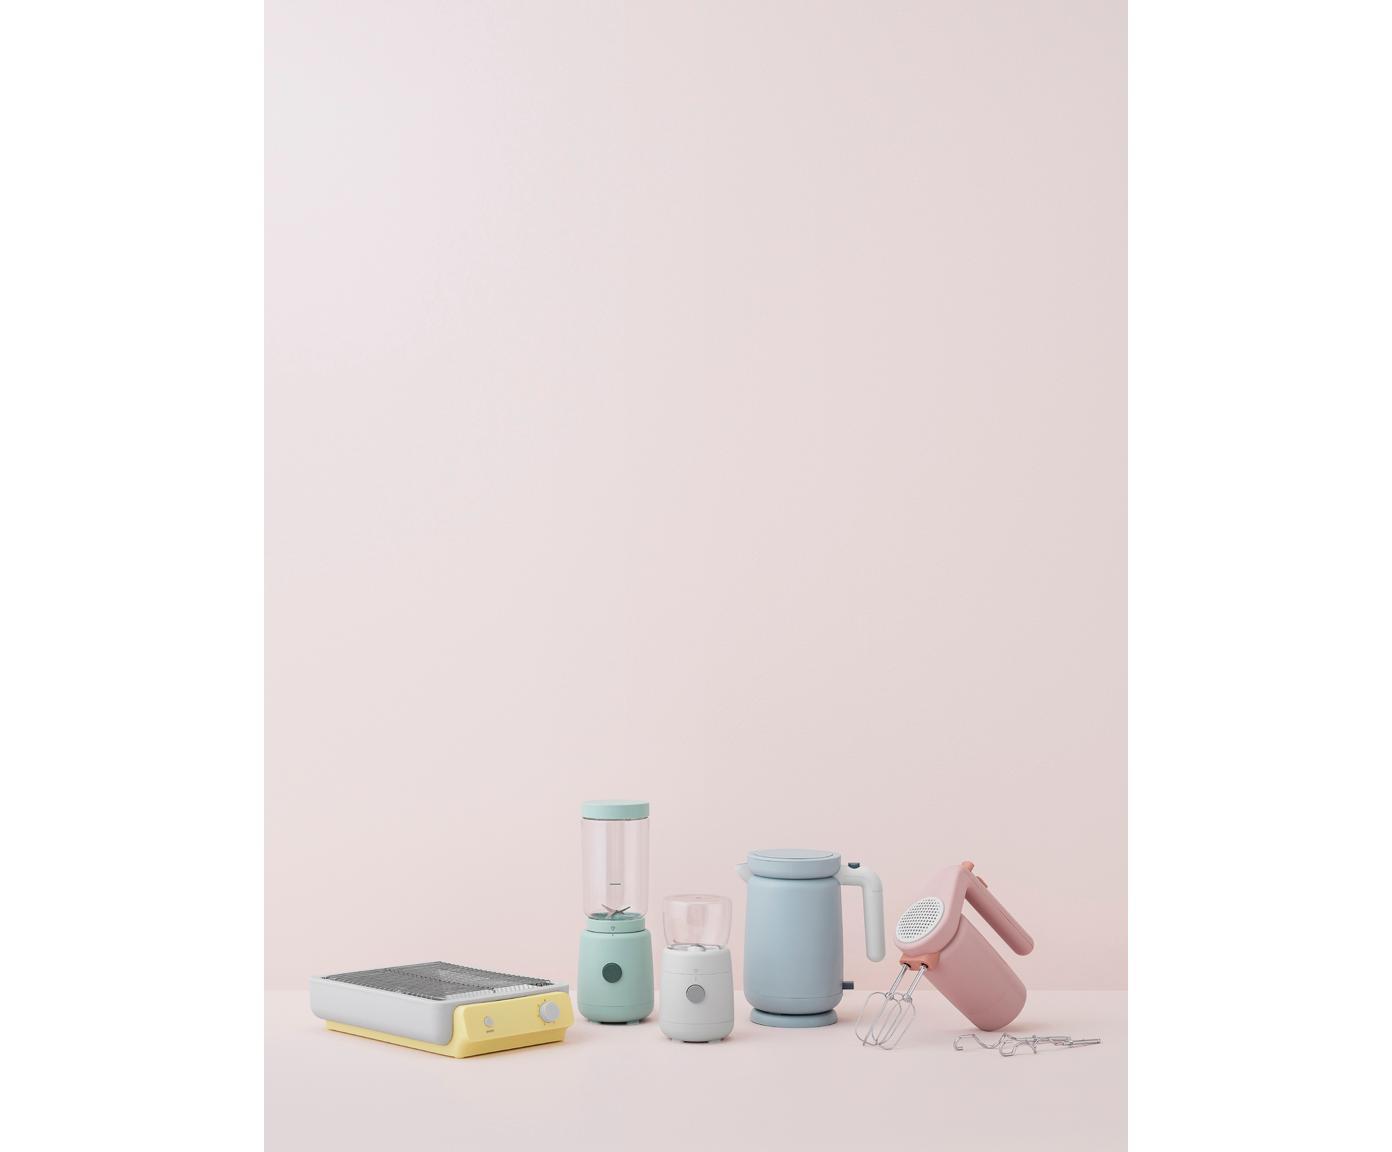 Handrührgerät Foodie, Gehäuse: Kunststoff, Rosa, 19 x 17 cm